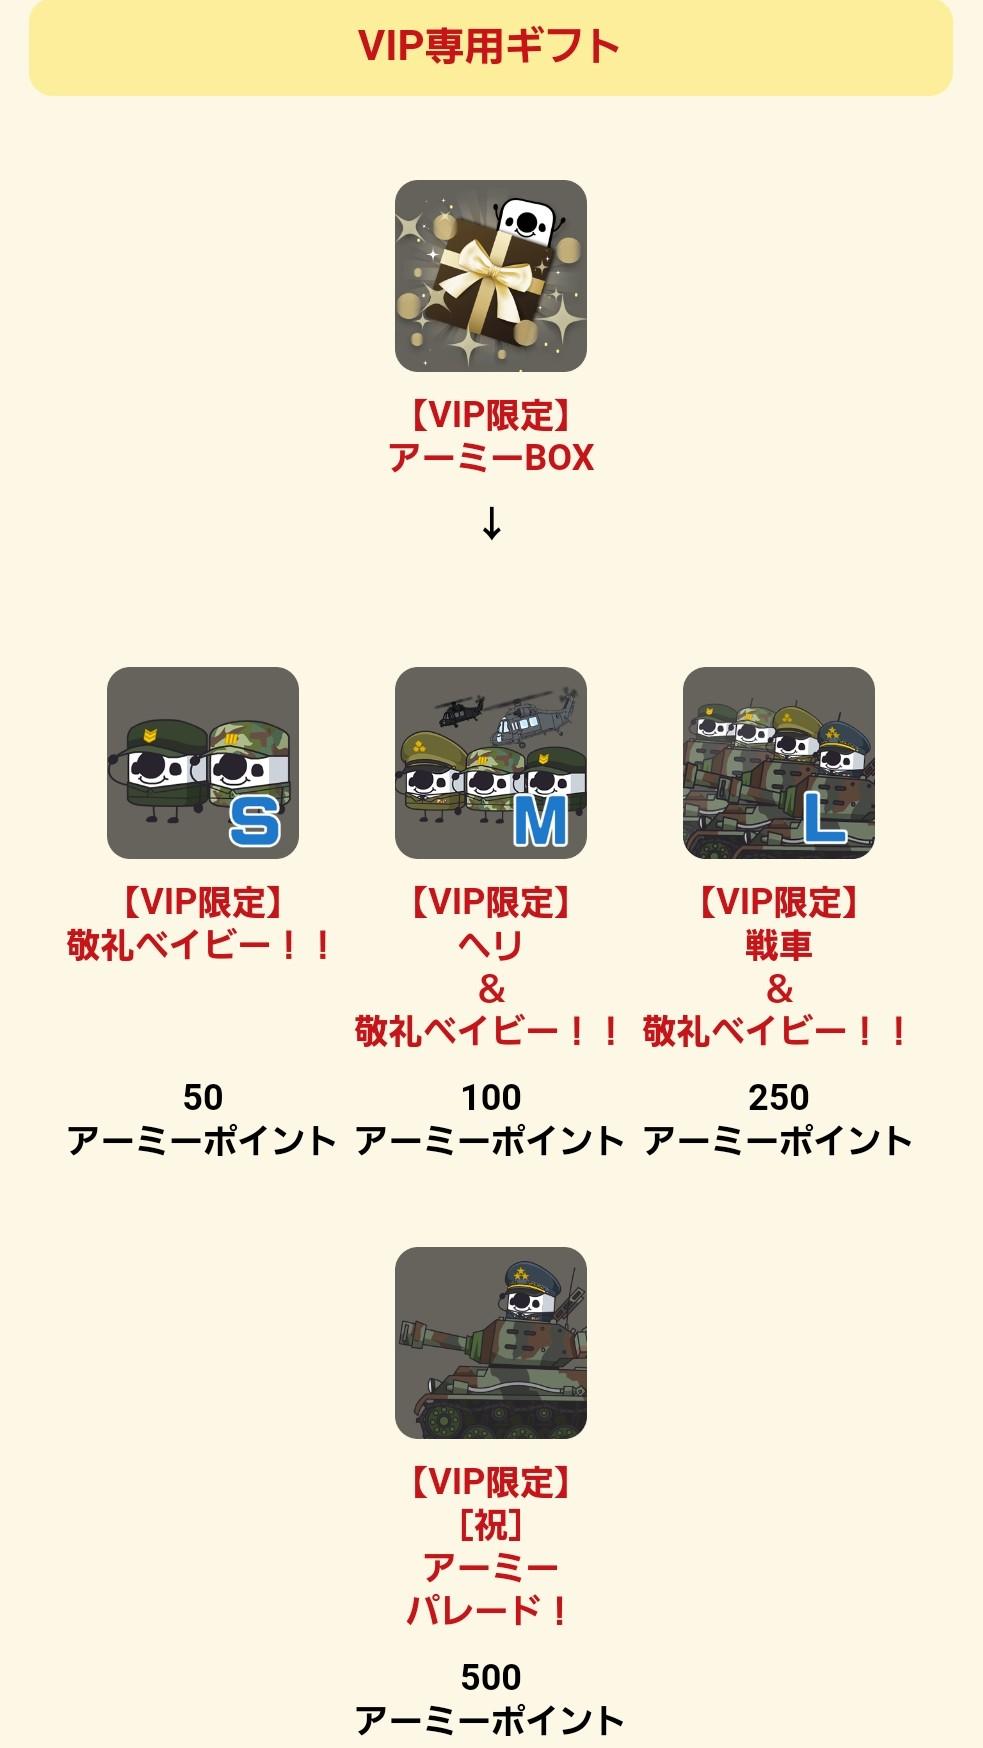 アーミーNo.1決定戦_VIP専用ギフト